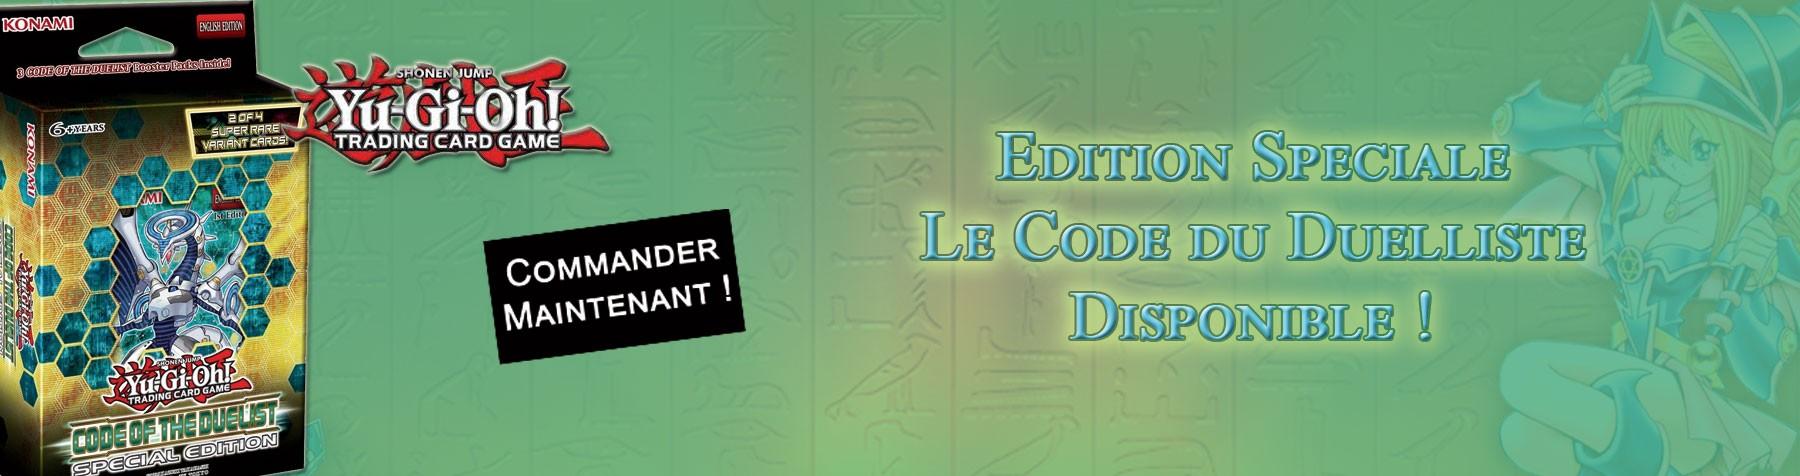 Yu-Gi-Oh ! Edition Spéciale Le Code du Duelliste